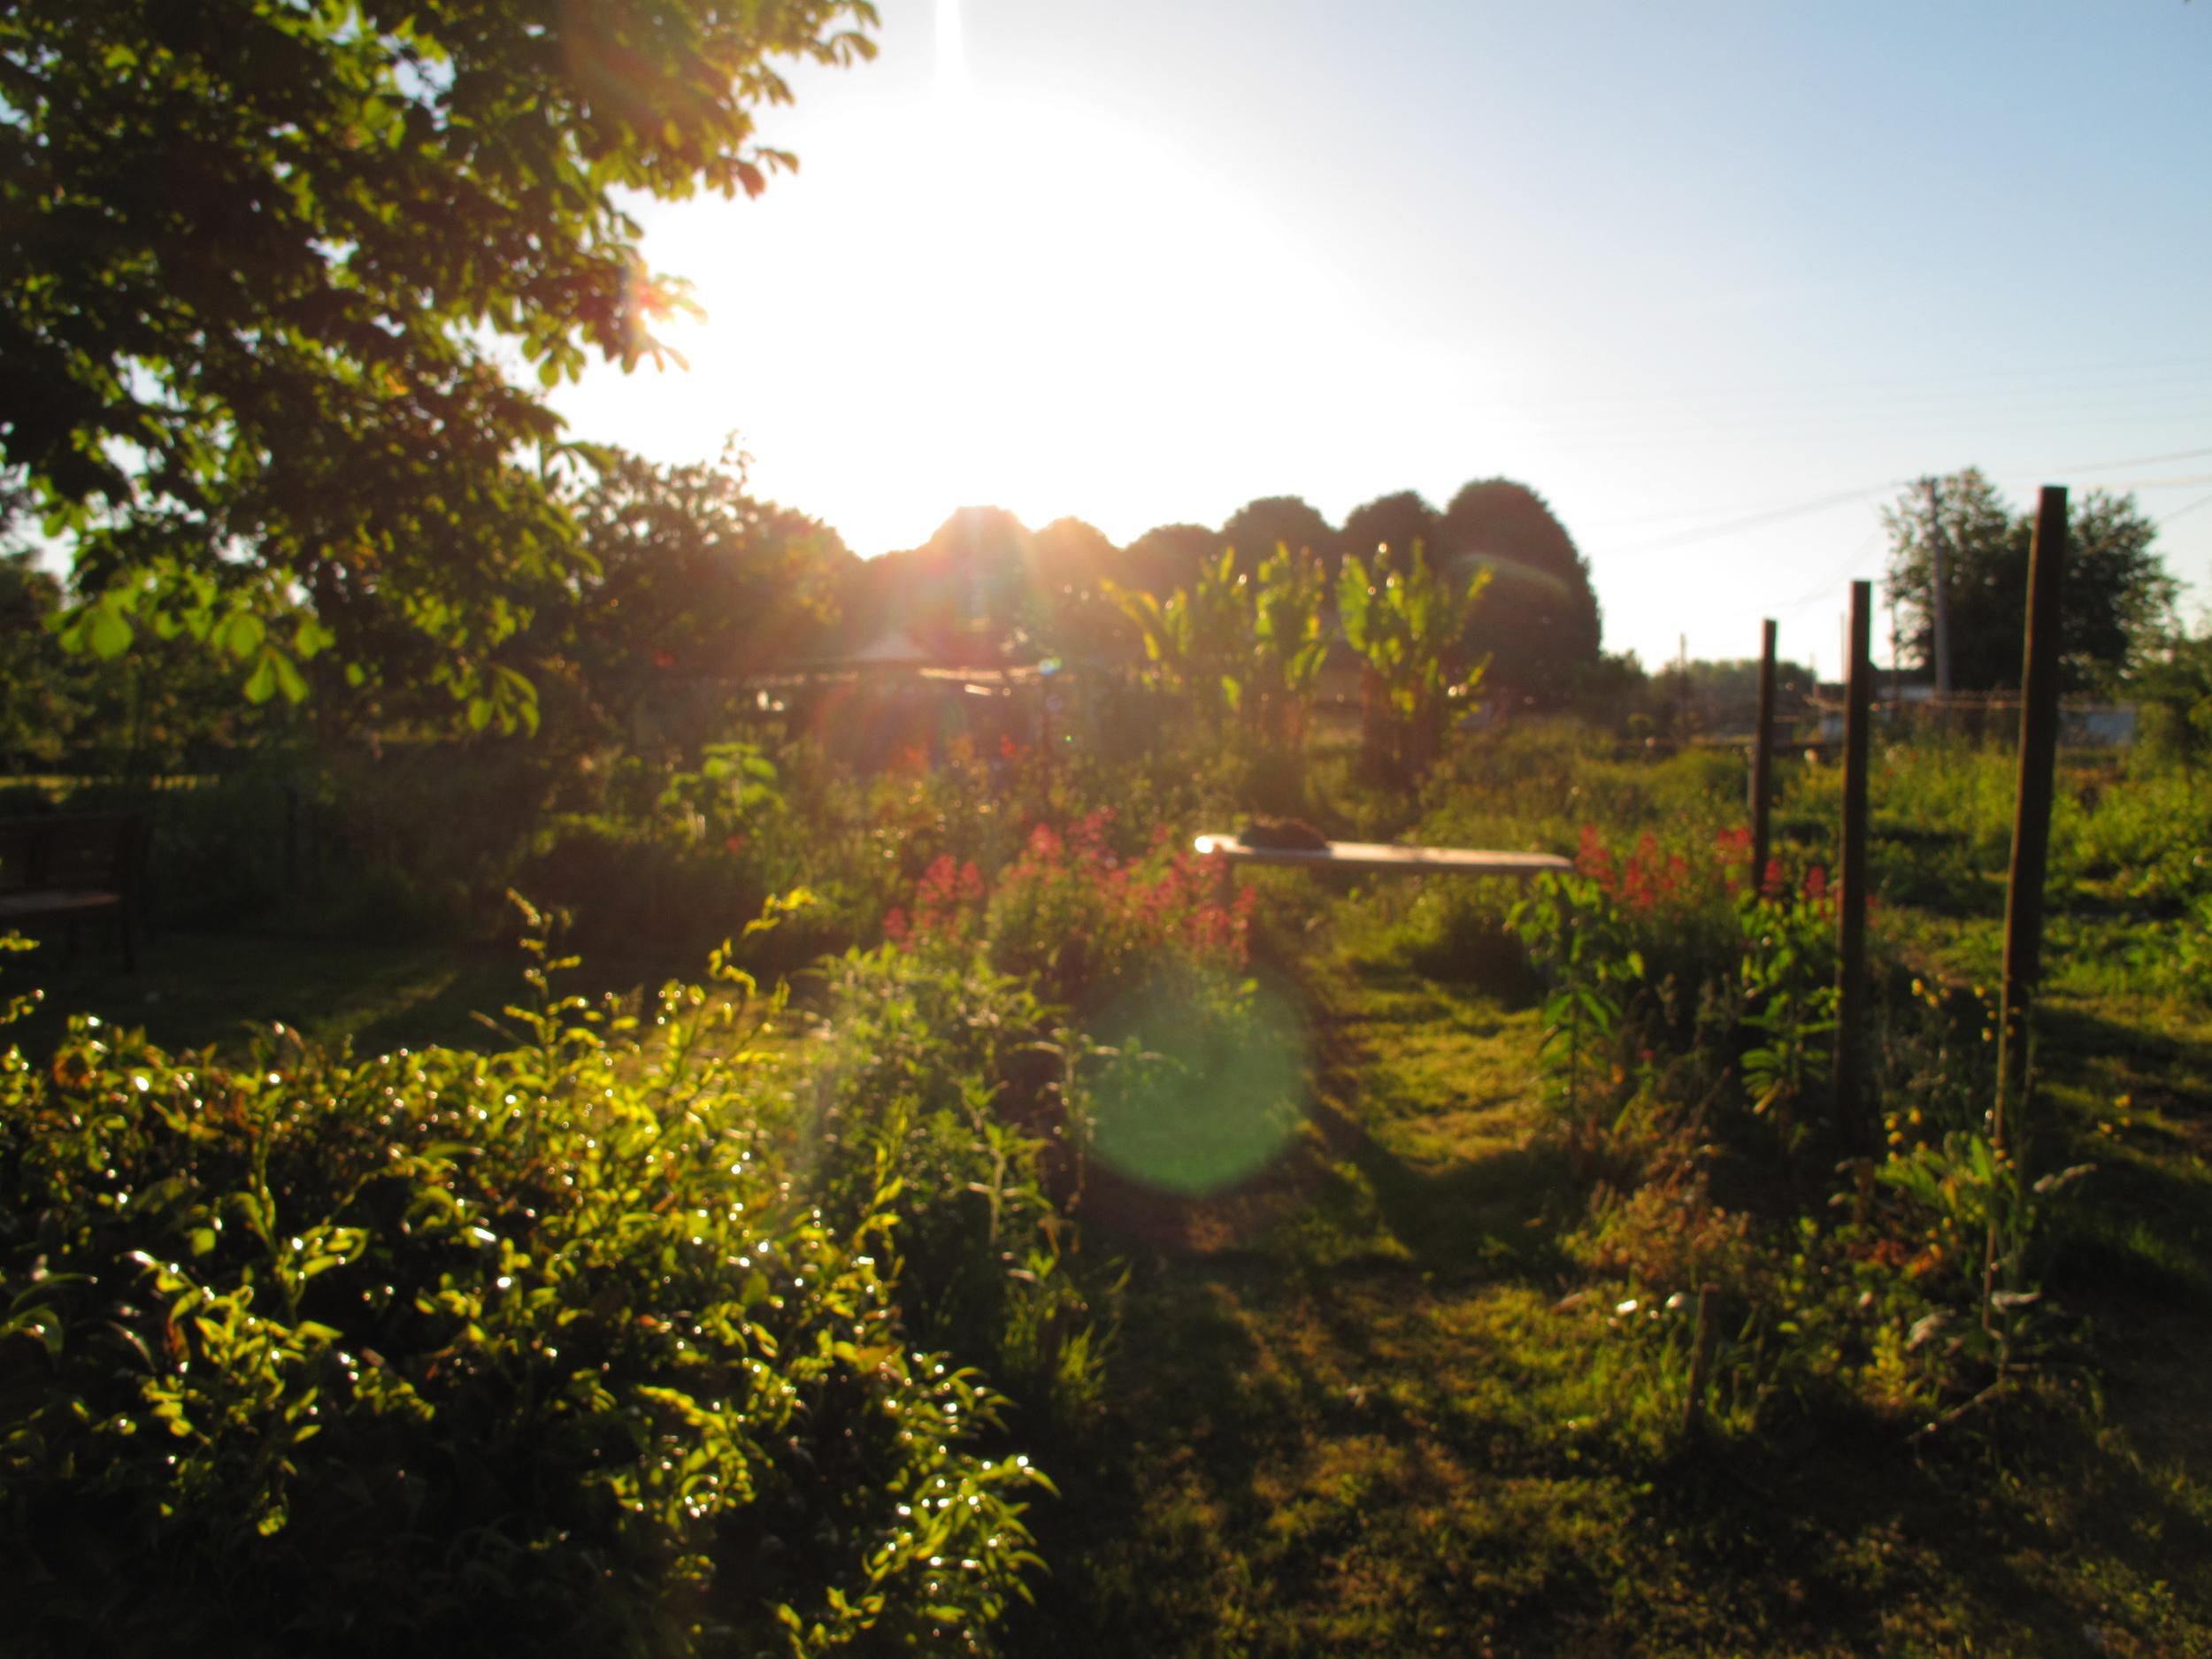 Sunspots filtering through trees at Plum Village hamlet